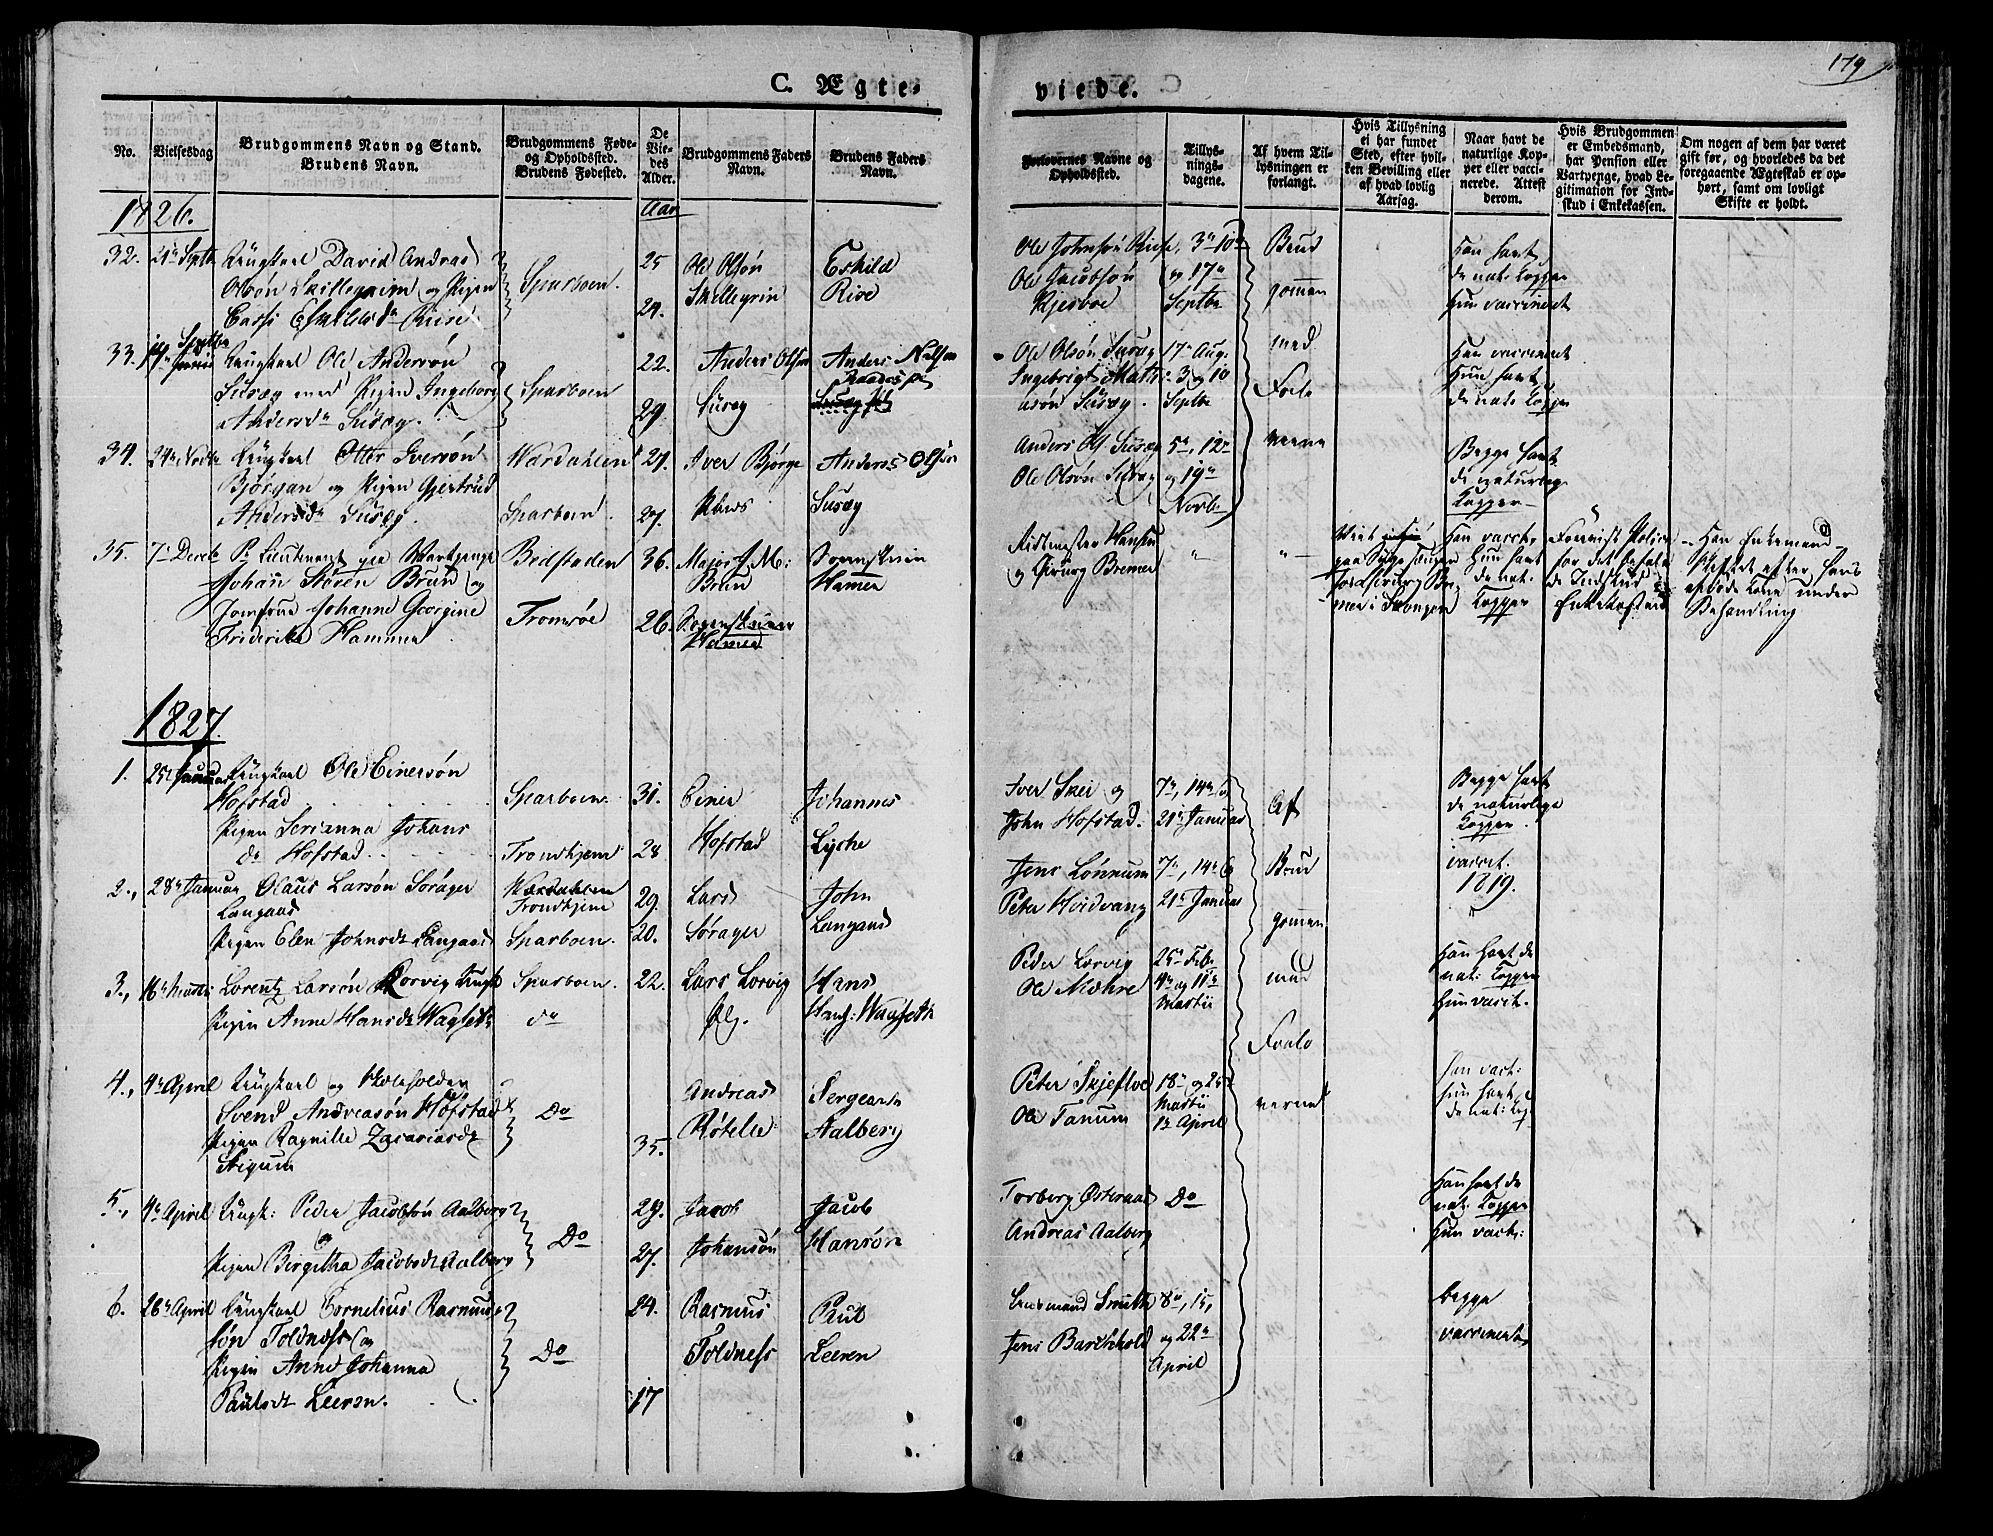 SAT, Ministerialprotokoller, klokkerbøker og fødselsregistre - Nord-Trøndelag, 735/L0336: Ministerialbok nr. 735A05 /1, 1825-1835, s. 179